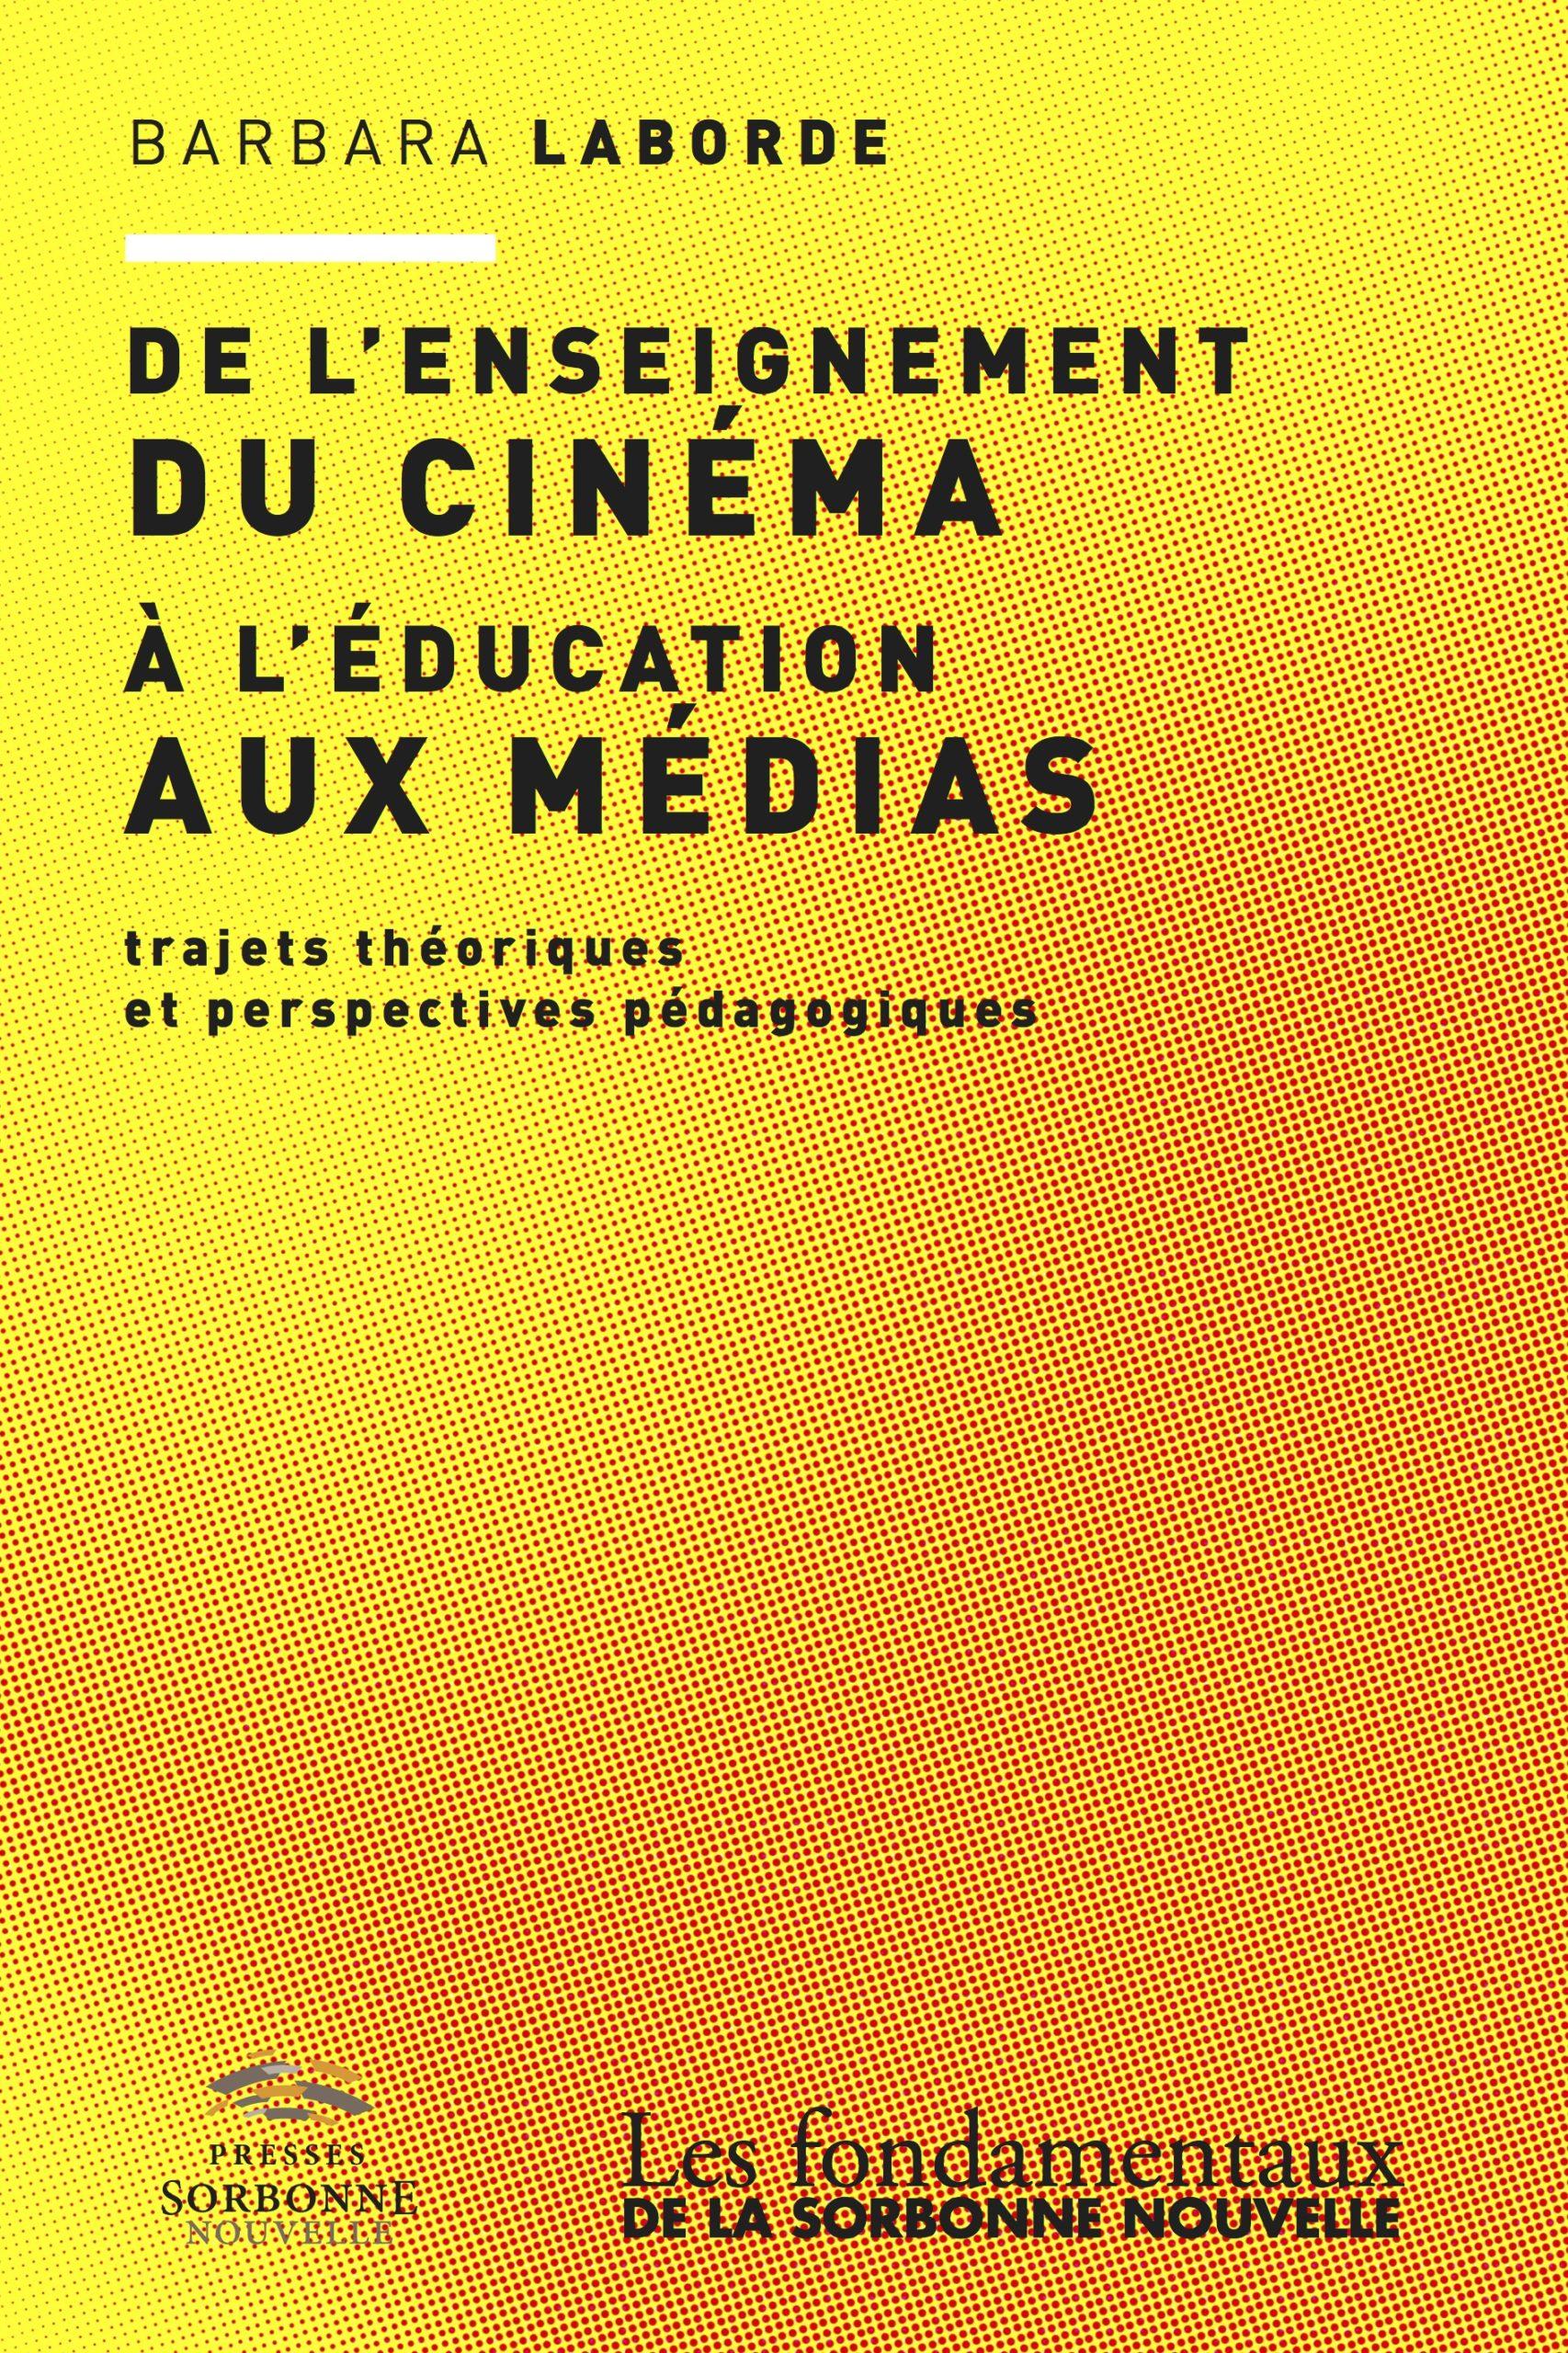 De l'enseignement du cinéma à l'éducation aux médias